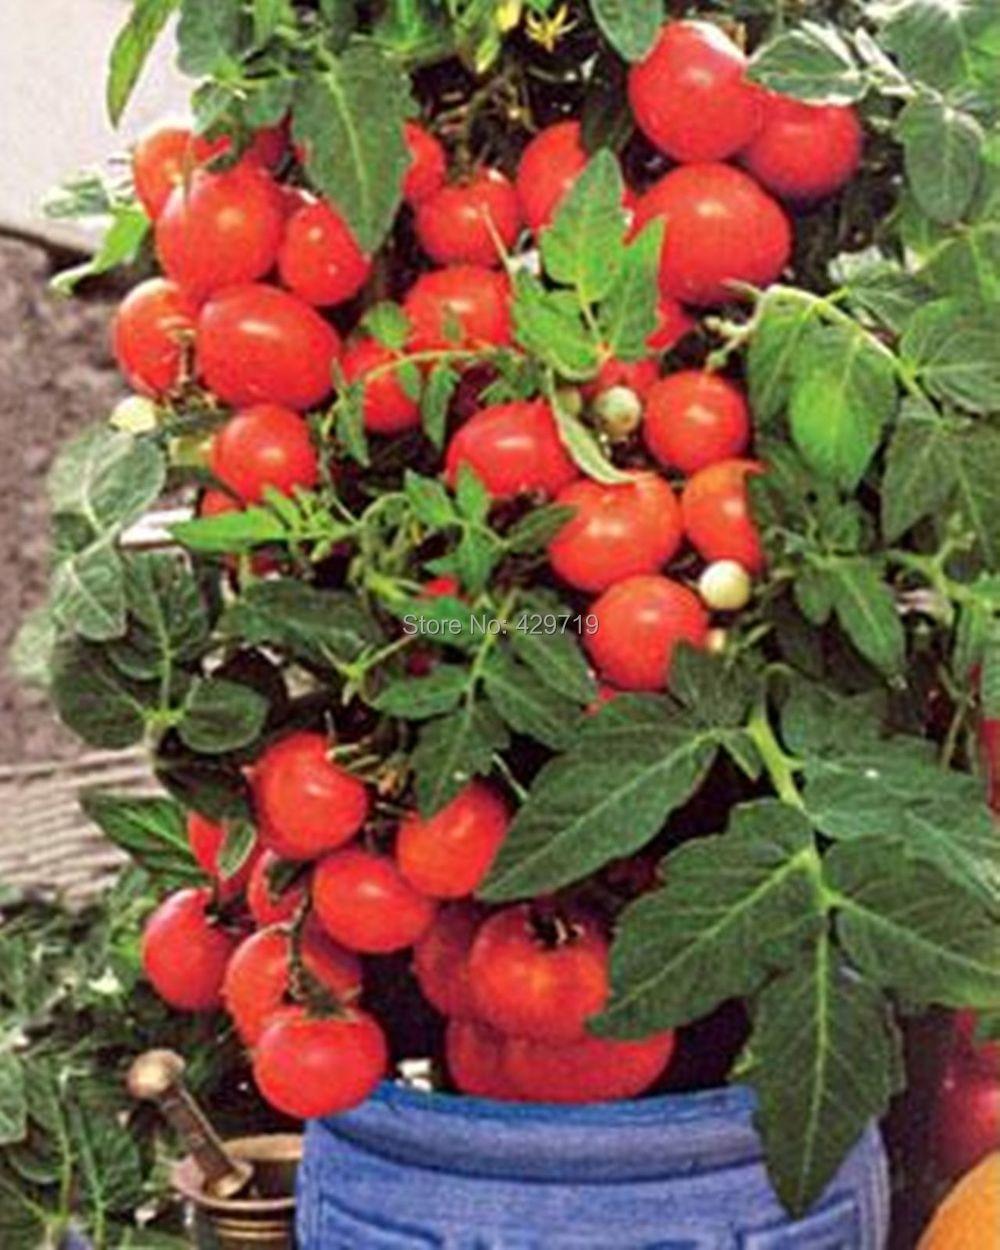 Купить семена томатов вишня-бонсай в интернет магазине с бес.